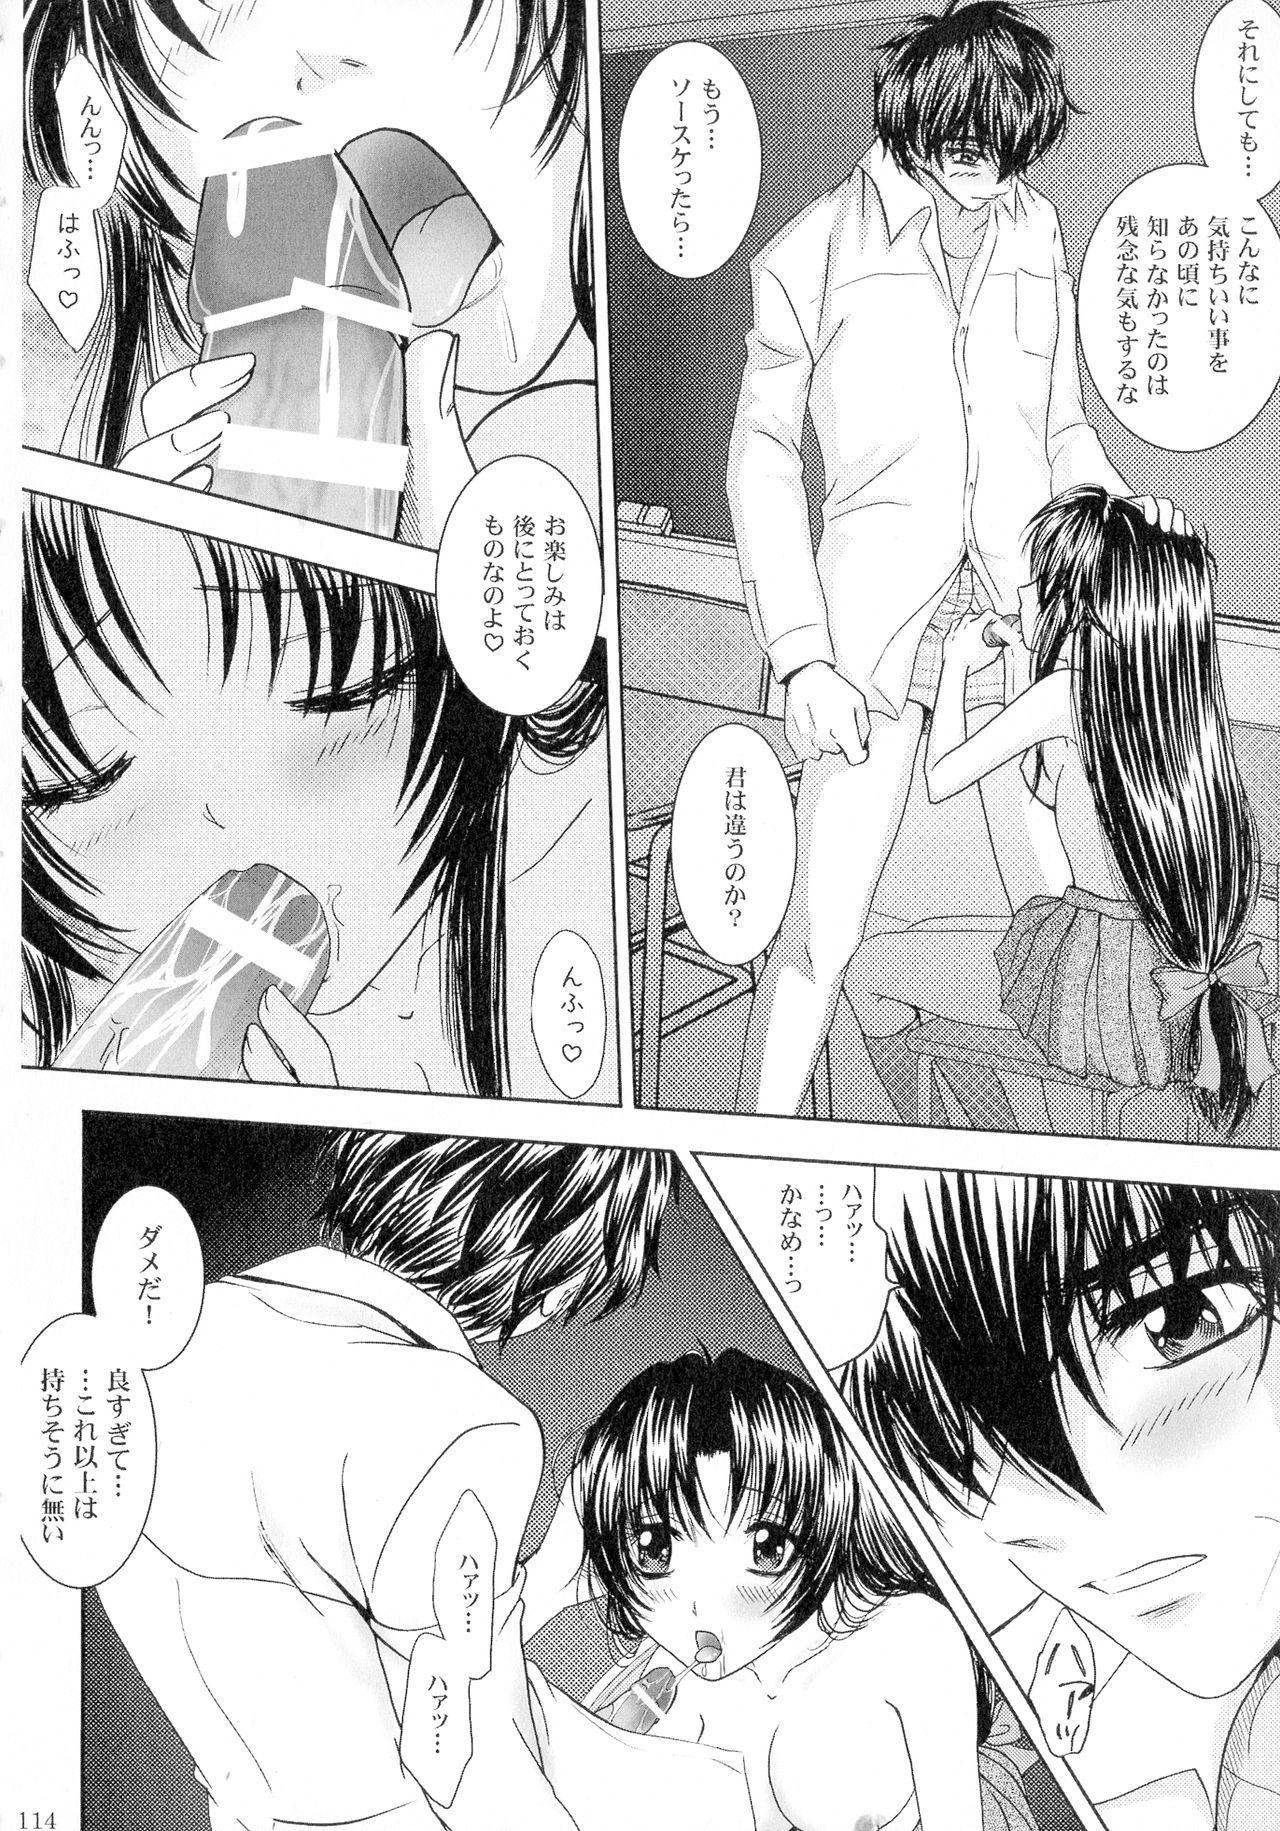 SEXY PANIC Sairokushuu Vol. 4 114